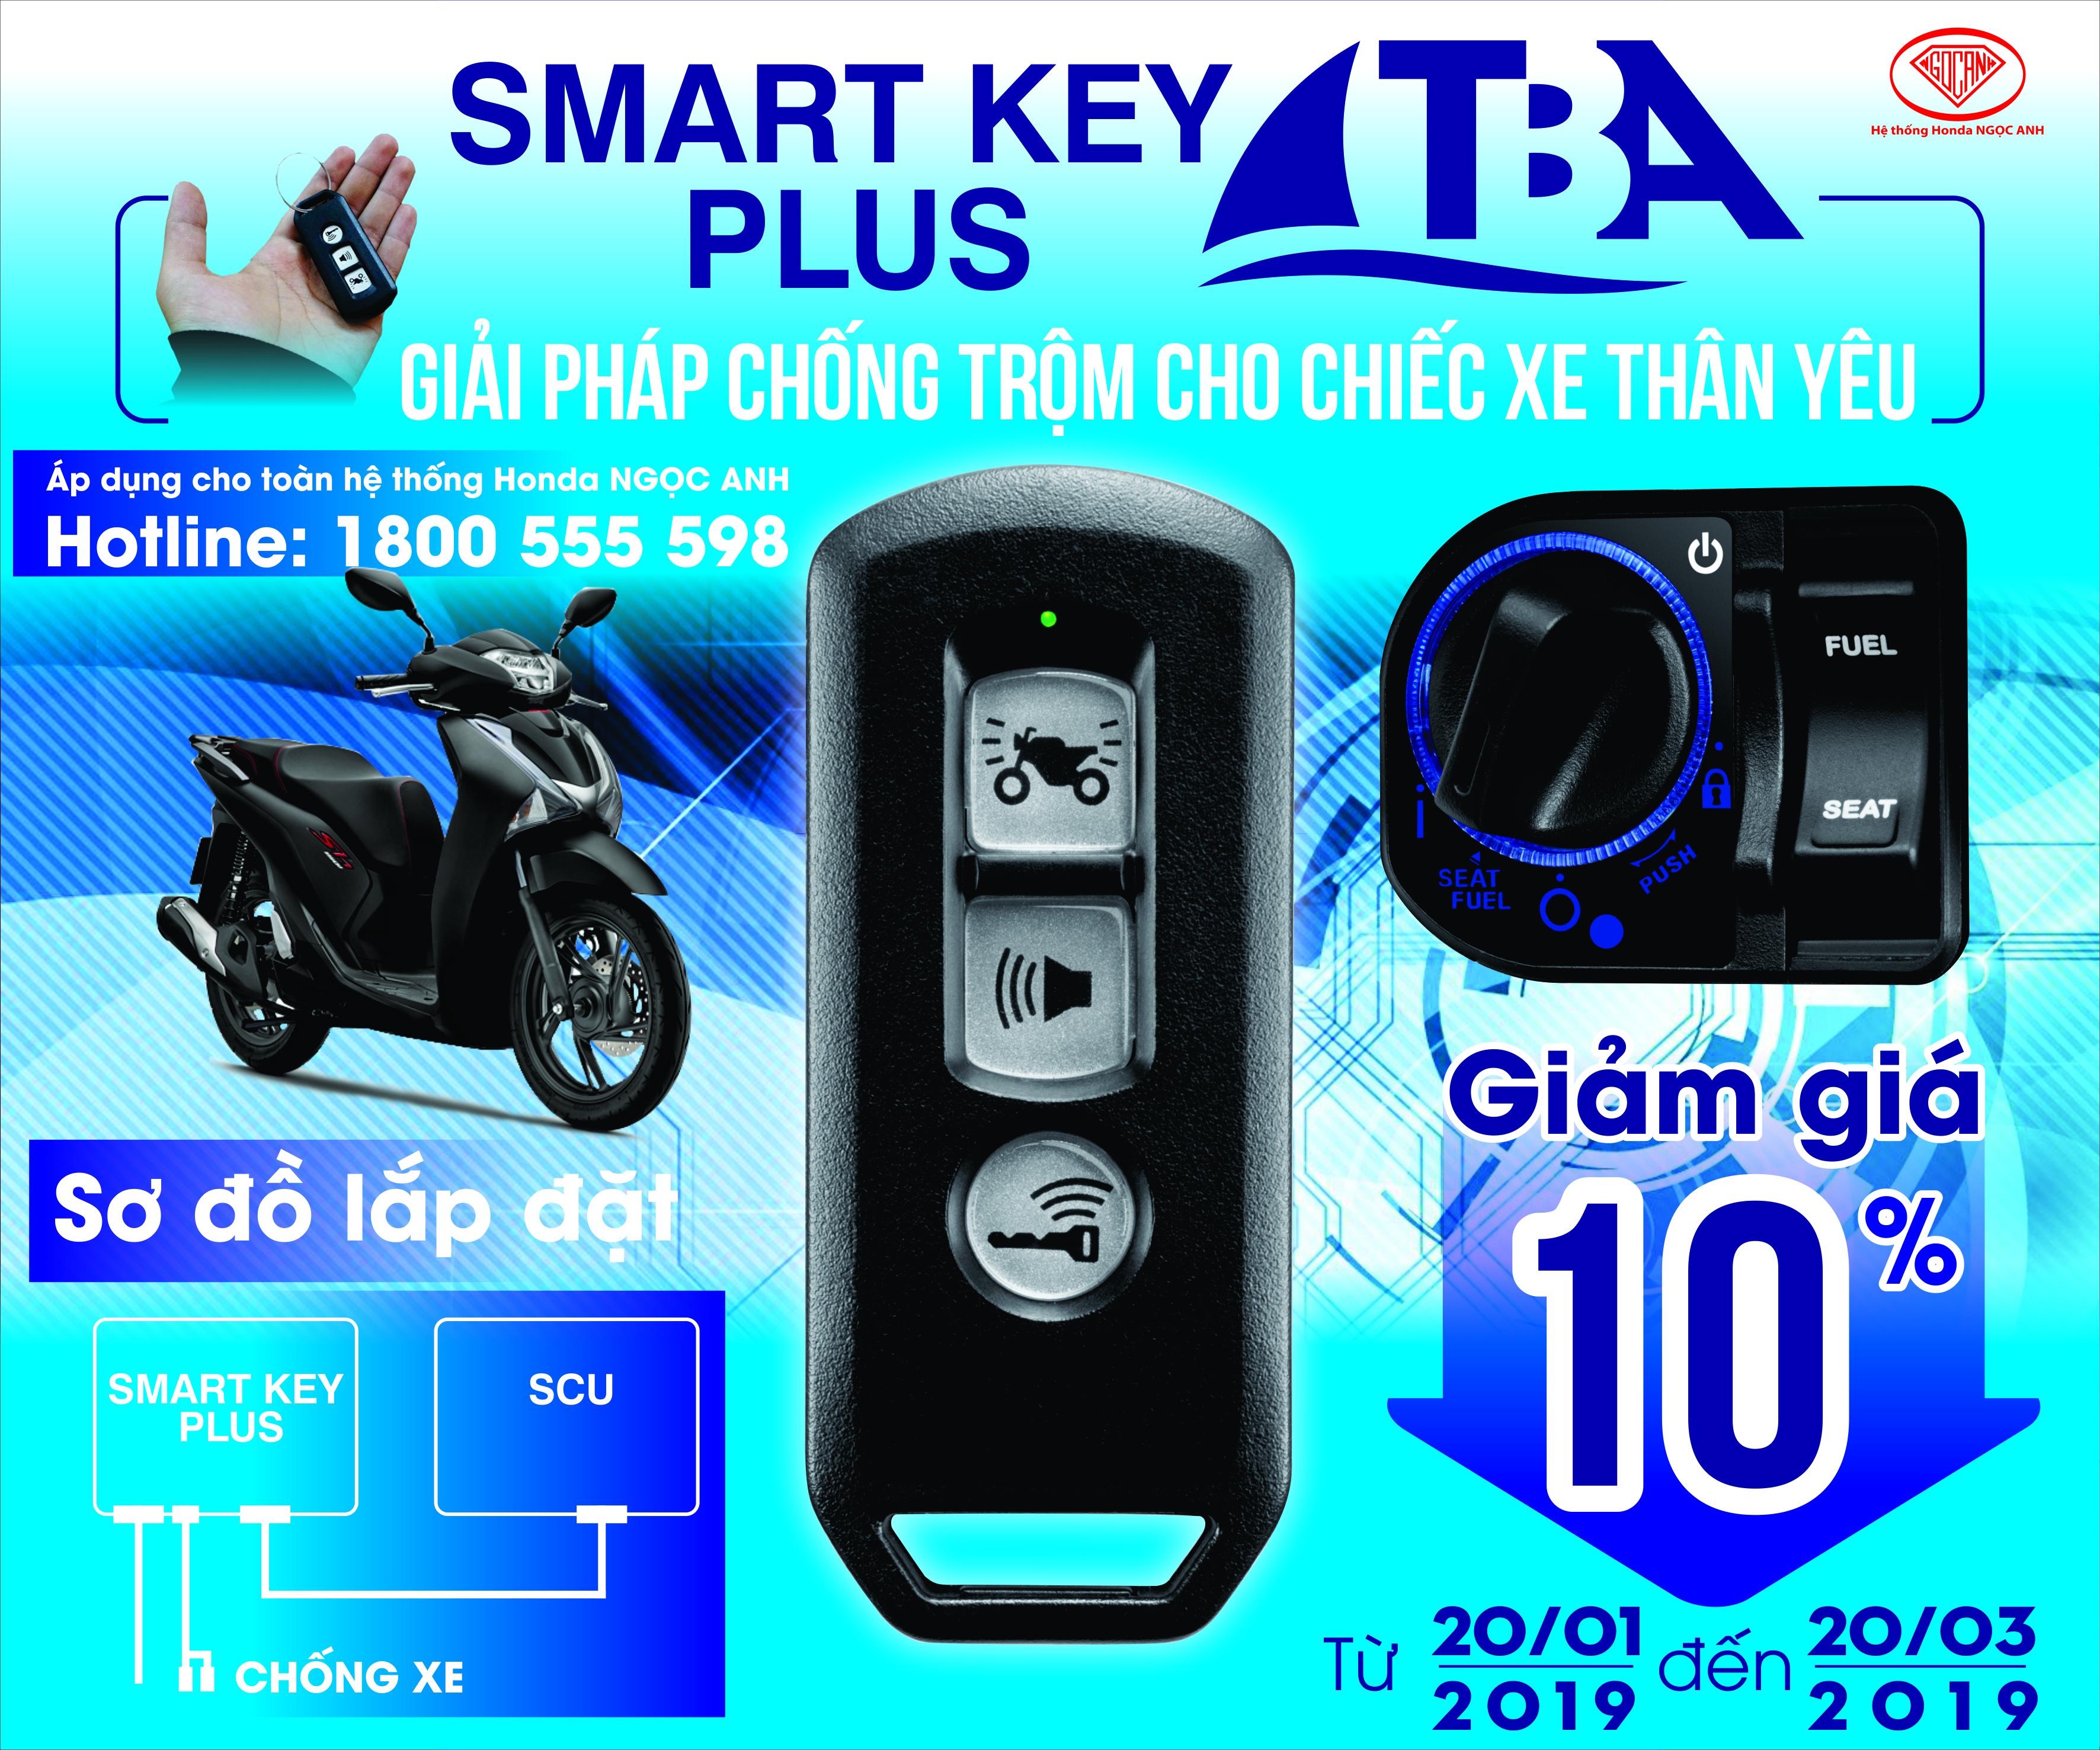 Tưng Bừng Ưu Đãi Giảm Giá 10% Cho Thiết Bị Khóa Smartkey Plus Tại Hệ Thống Honda Ngọc Anh